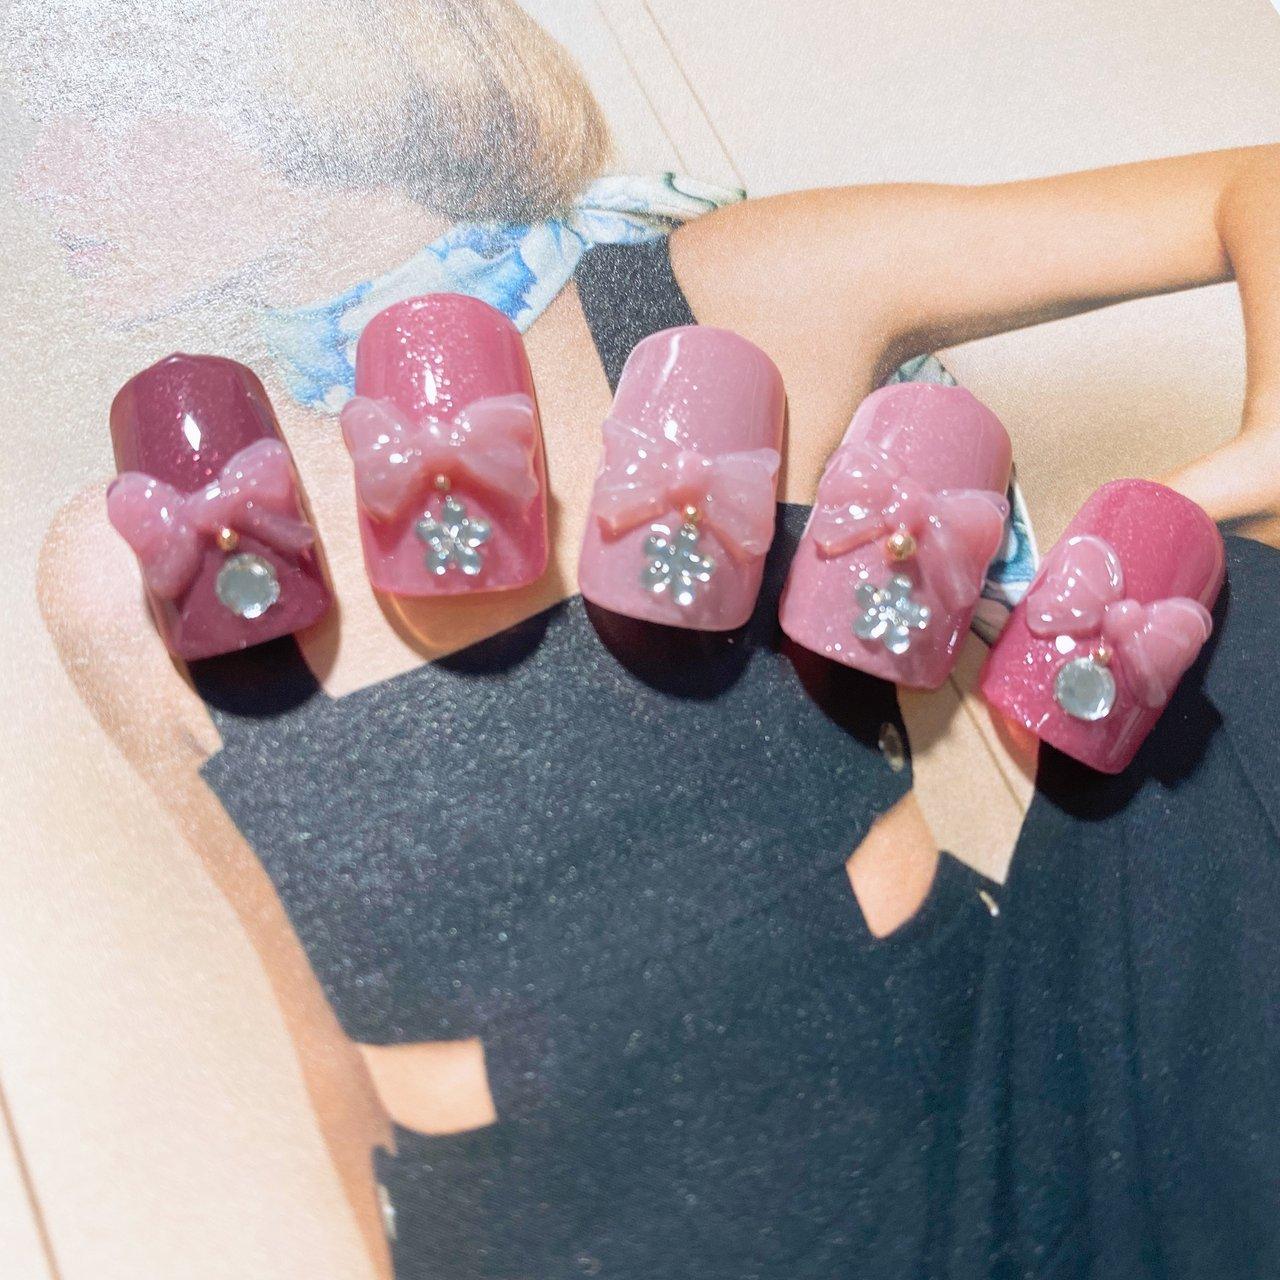 ぷっくりリボンネイル🎀 #3Dリボン #春ネイル #可愛いネイル #春 #夏 #ジェル #homesalon perle blue〜 #ネイルブック